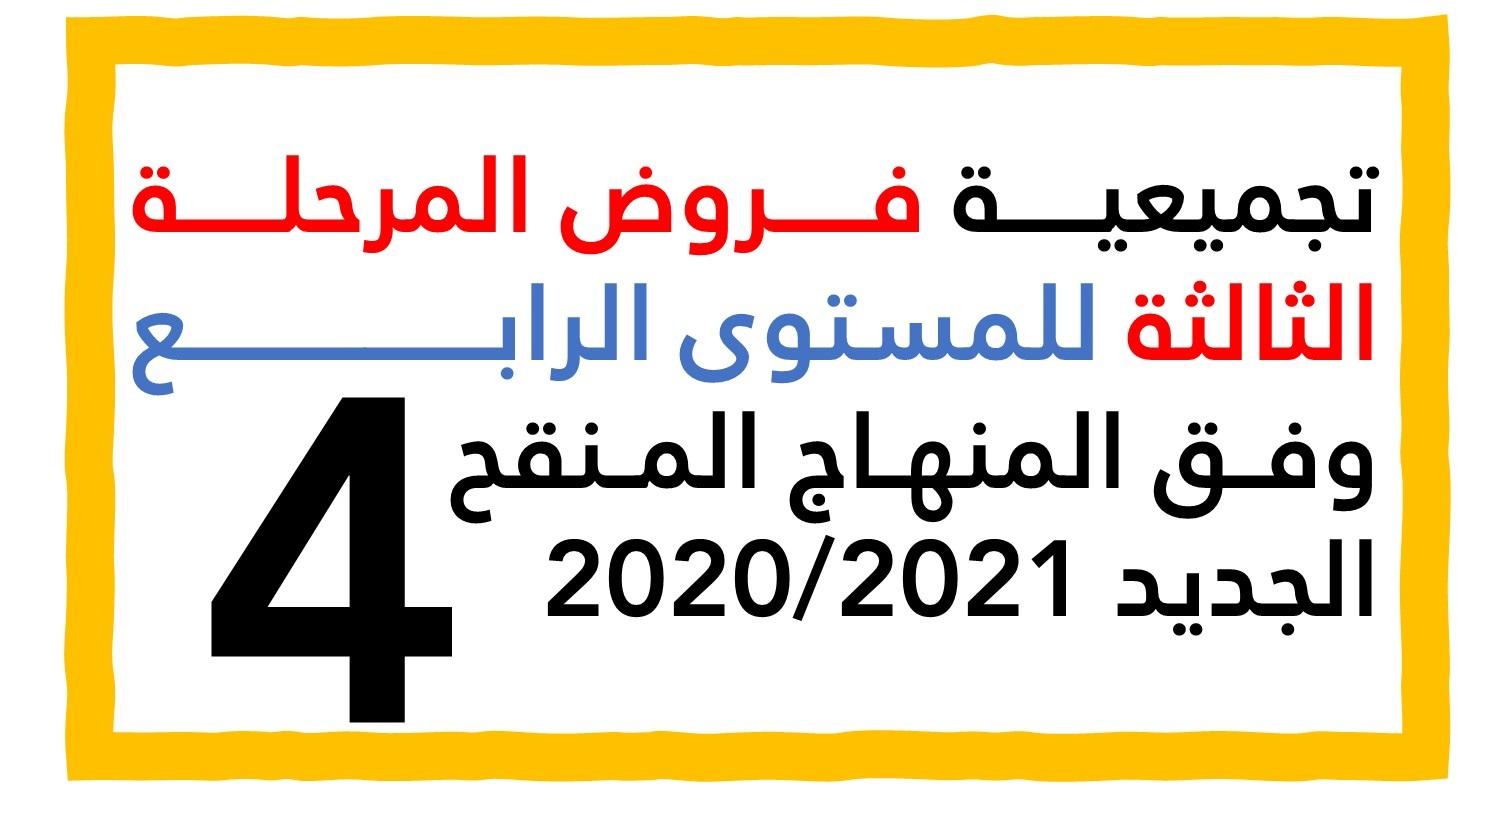 تحميل فروض المرحلة الثالثة للمستوى الرابع ابتدائي وفق آخر المستجدات 2021